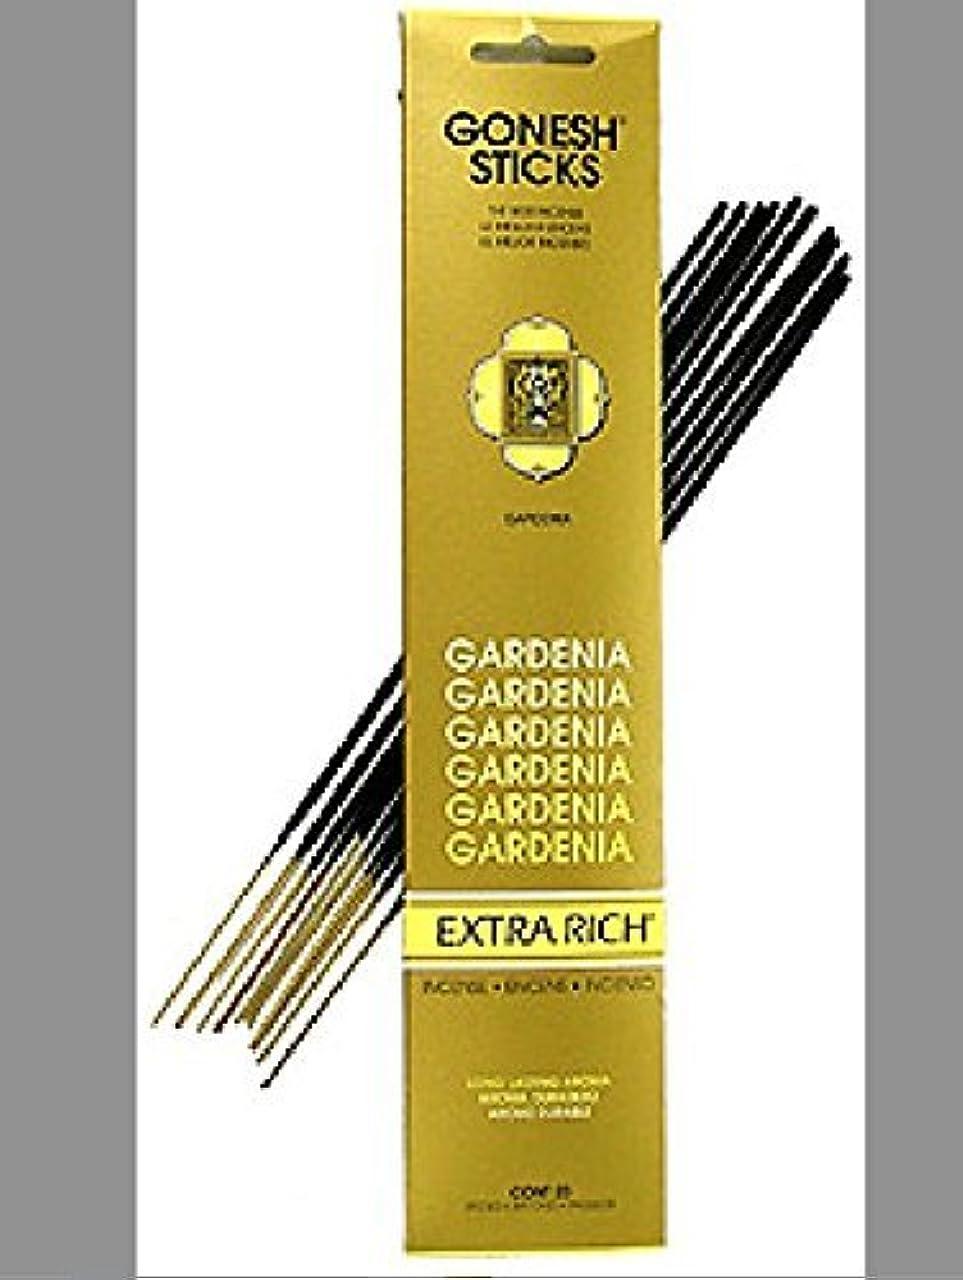 未満ランプ求めるGonesh ~ No. 6 (Perfumes of Ancient Times) ~ Incense Sticks ~ Pack of 4 by Gonesh [並行輸入品]